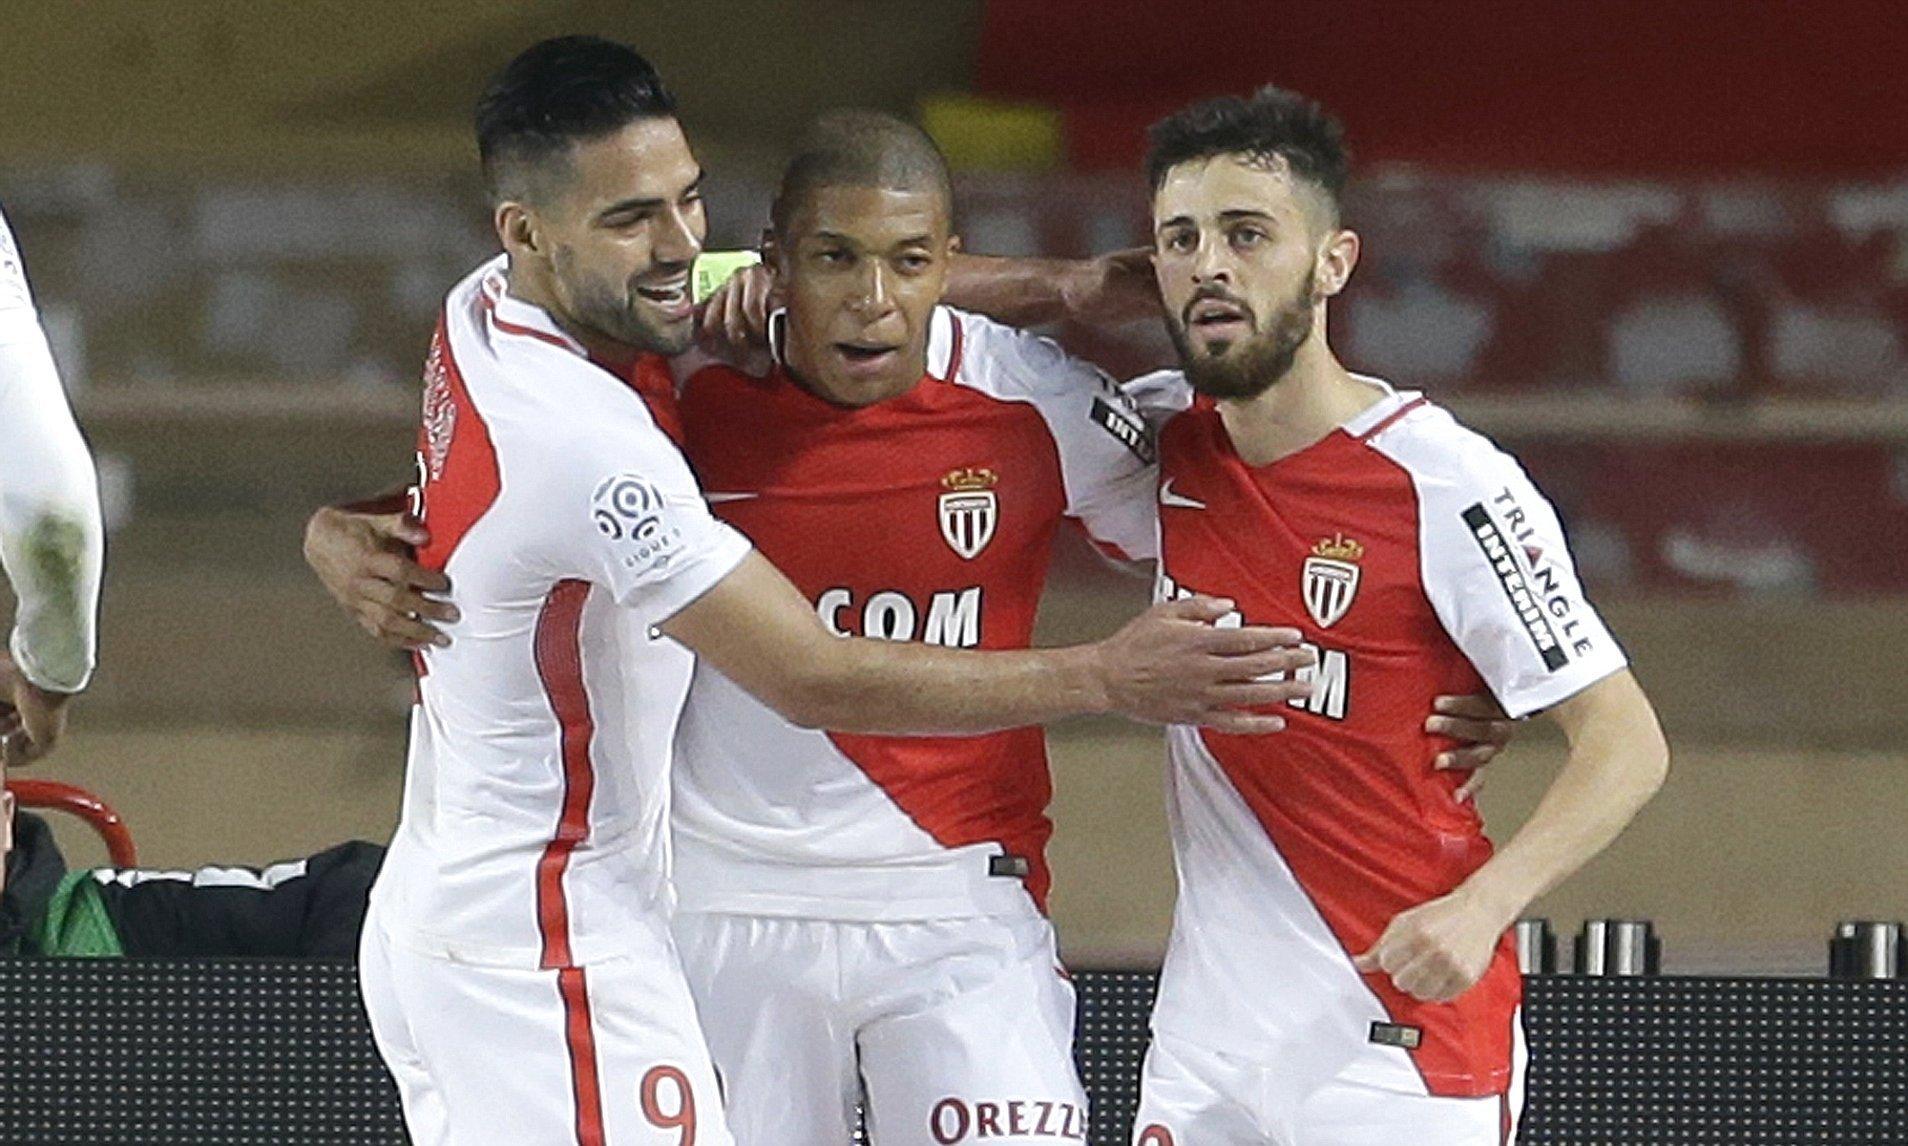 Monaco hướng đến chiến thắng tưng bừng để ăn mừng chức vô địch Ligue 1